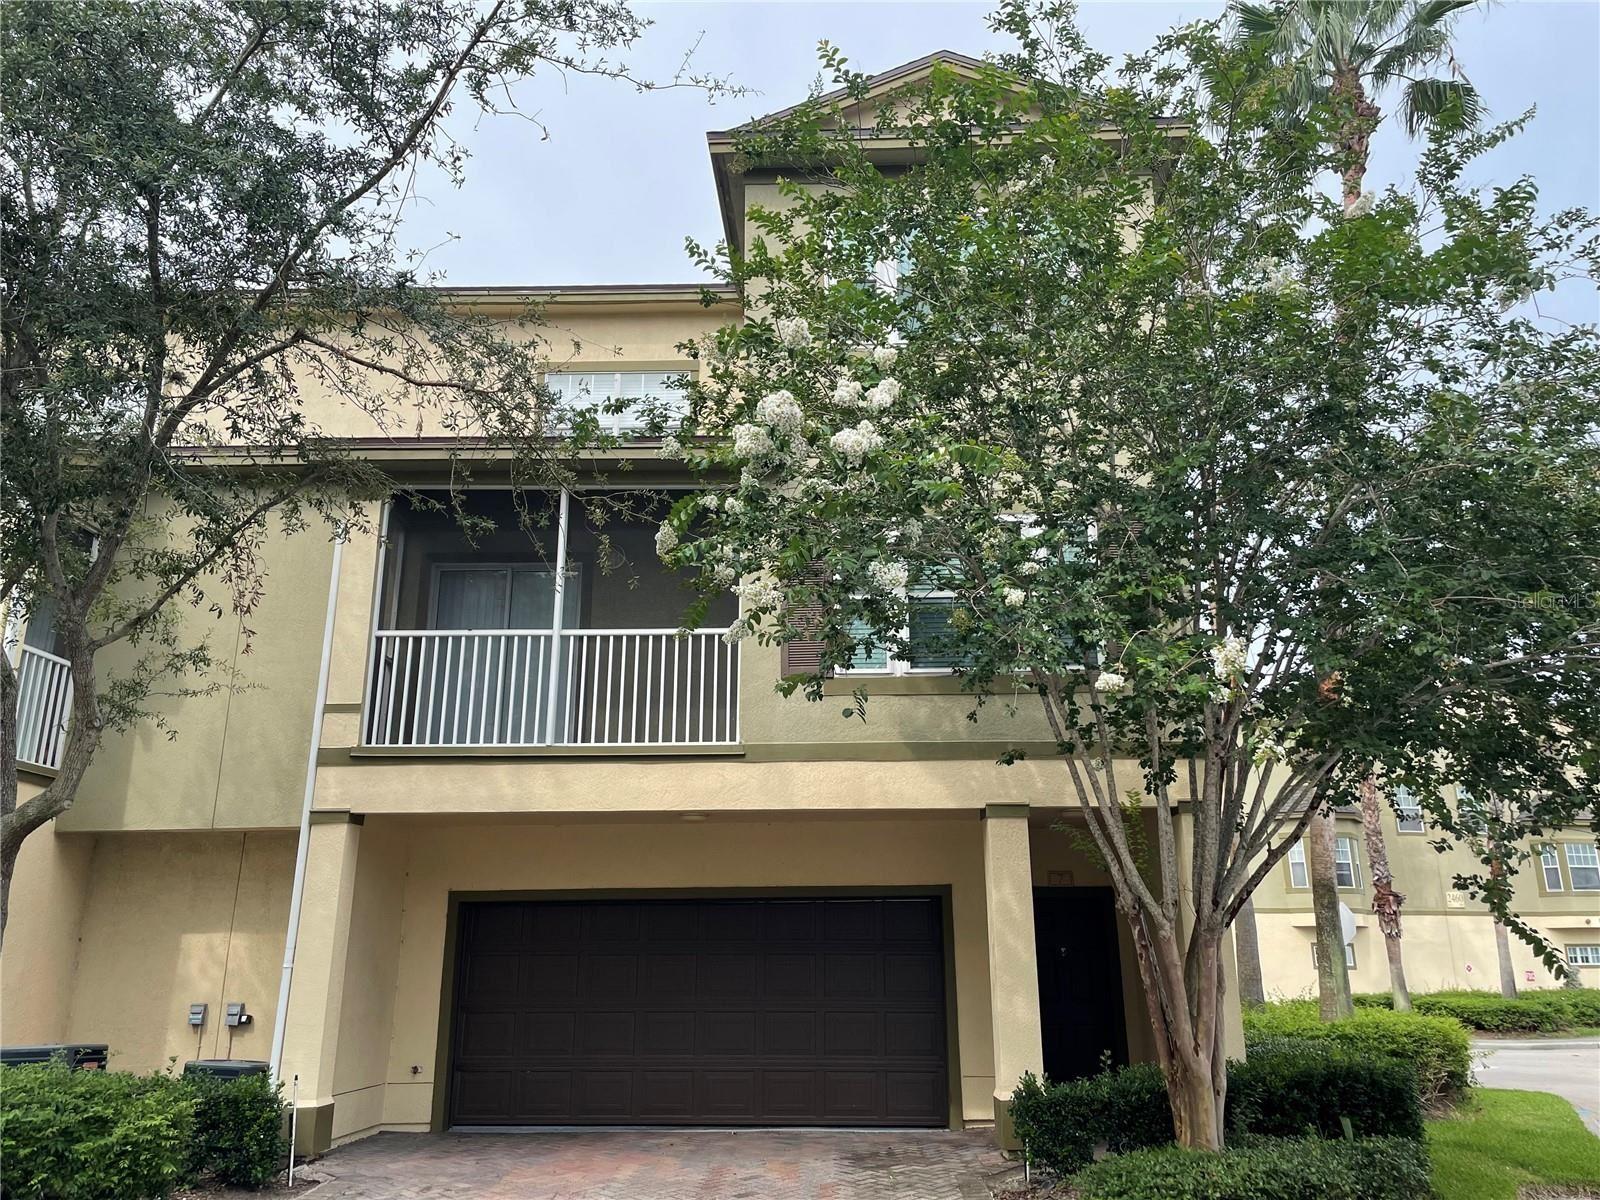 2514 GRAND CENTRAL PARKWAY #7, Orlando, FL 32839 - #: O5960816